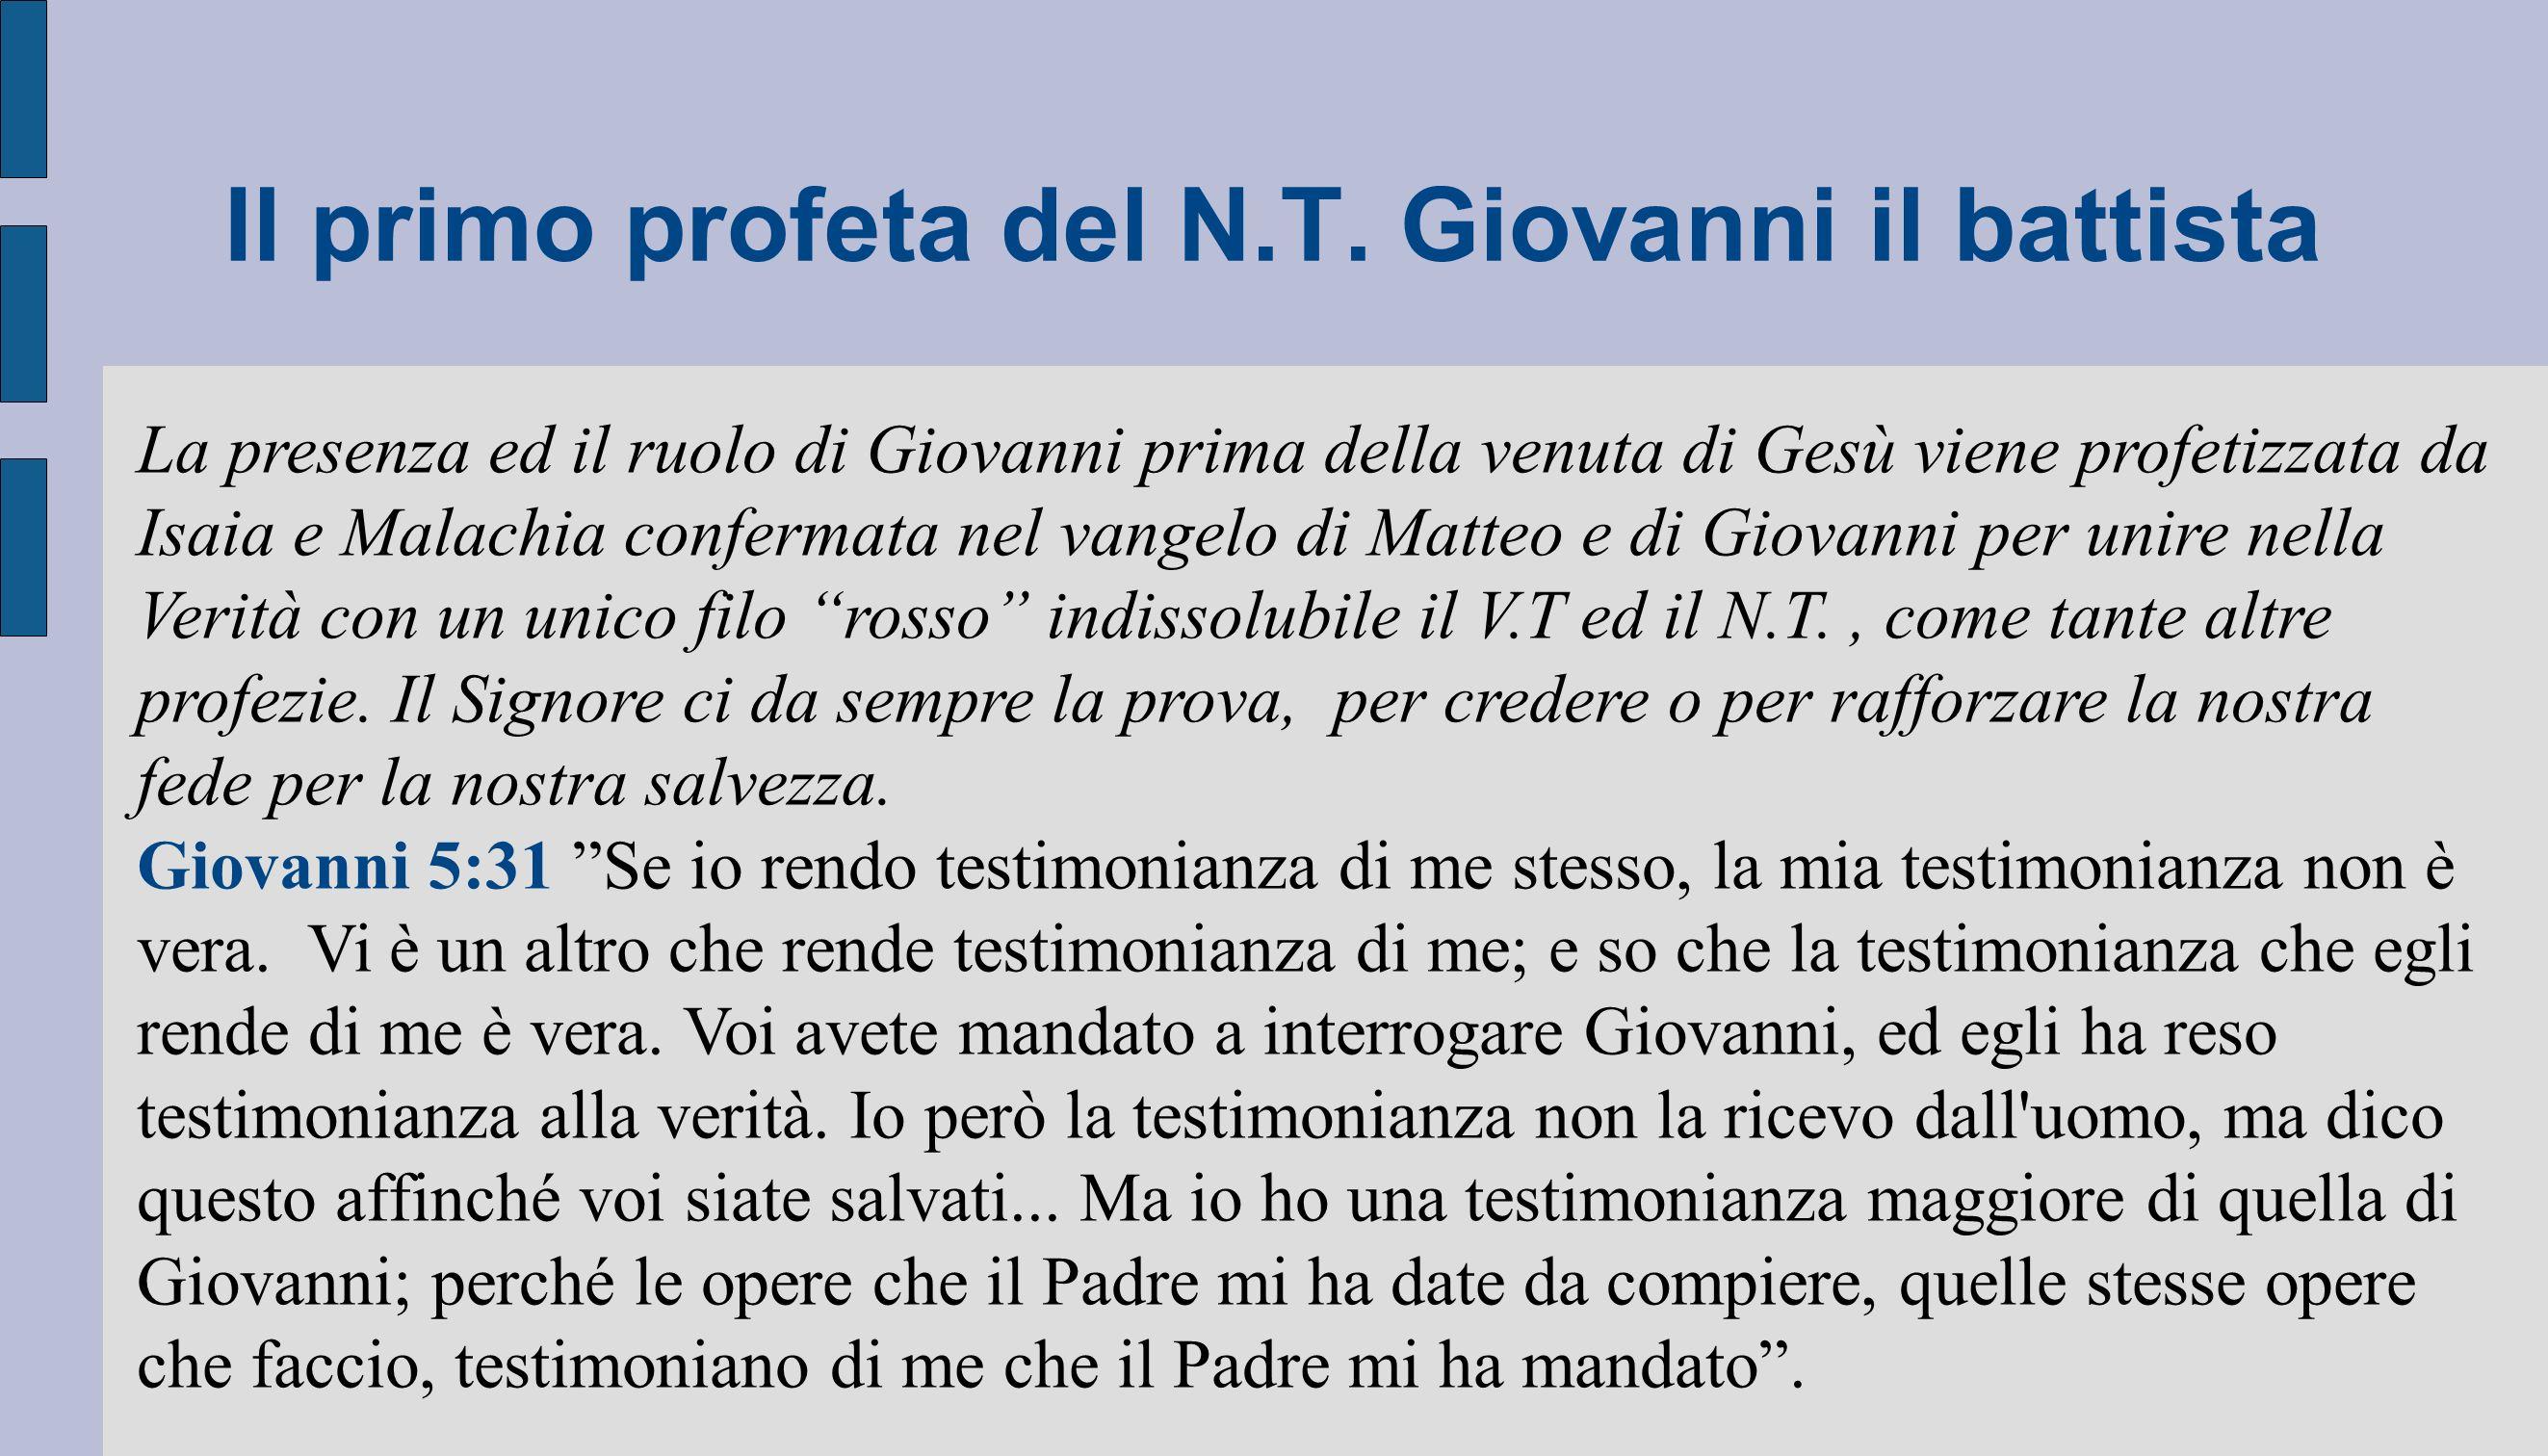 Il primo profeta del N.T. Giovanni il battista